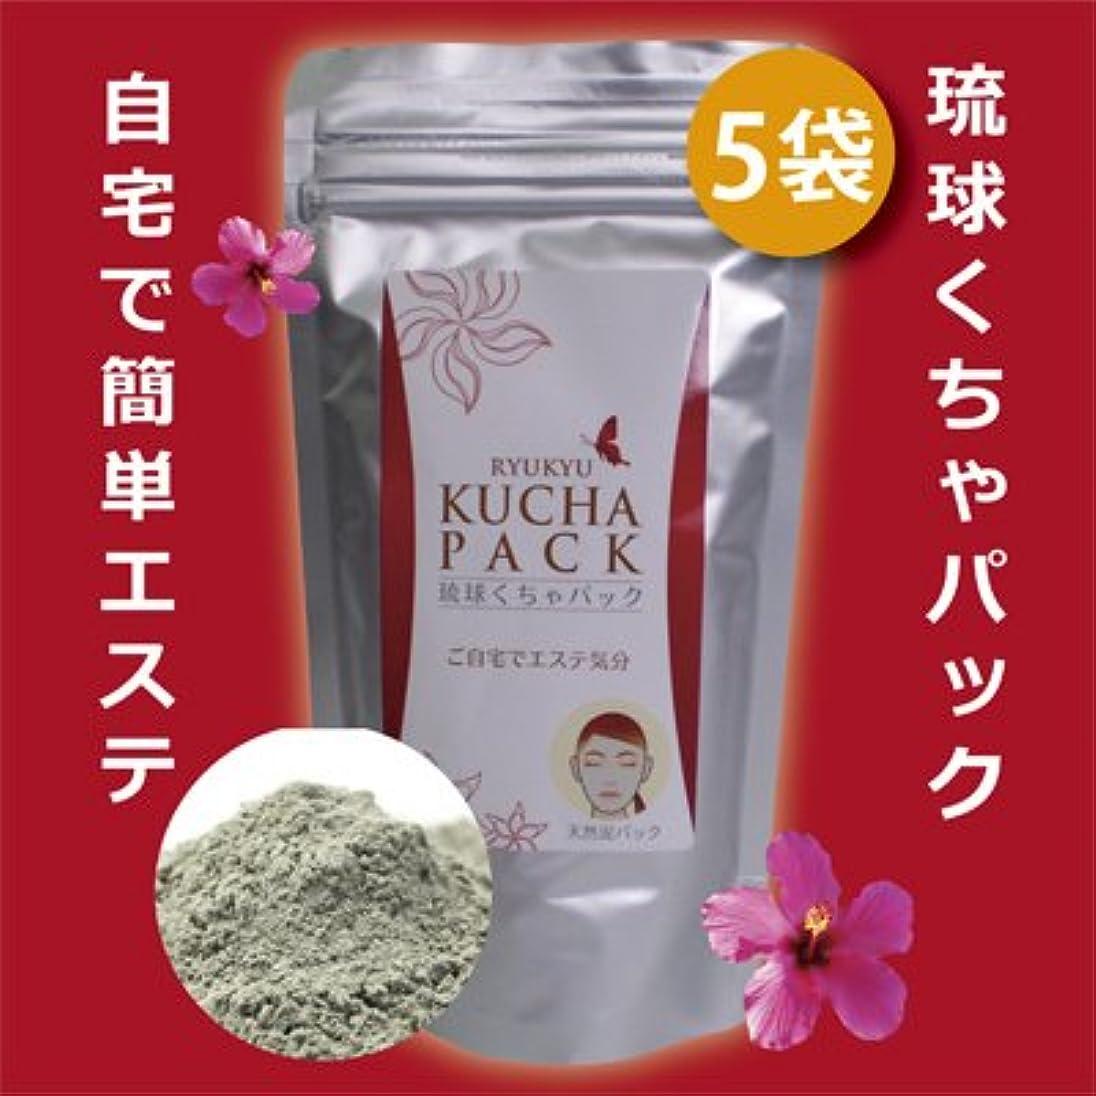 玉説明にぎやか美肌 健康作り 月桃水を加えた使いやすい粉末 沖縄産 琉球くちゃパック 150g 5パック